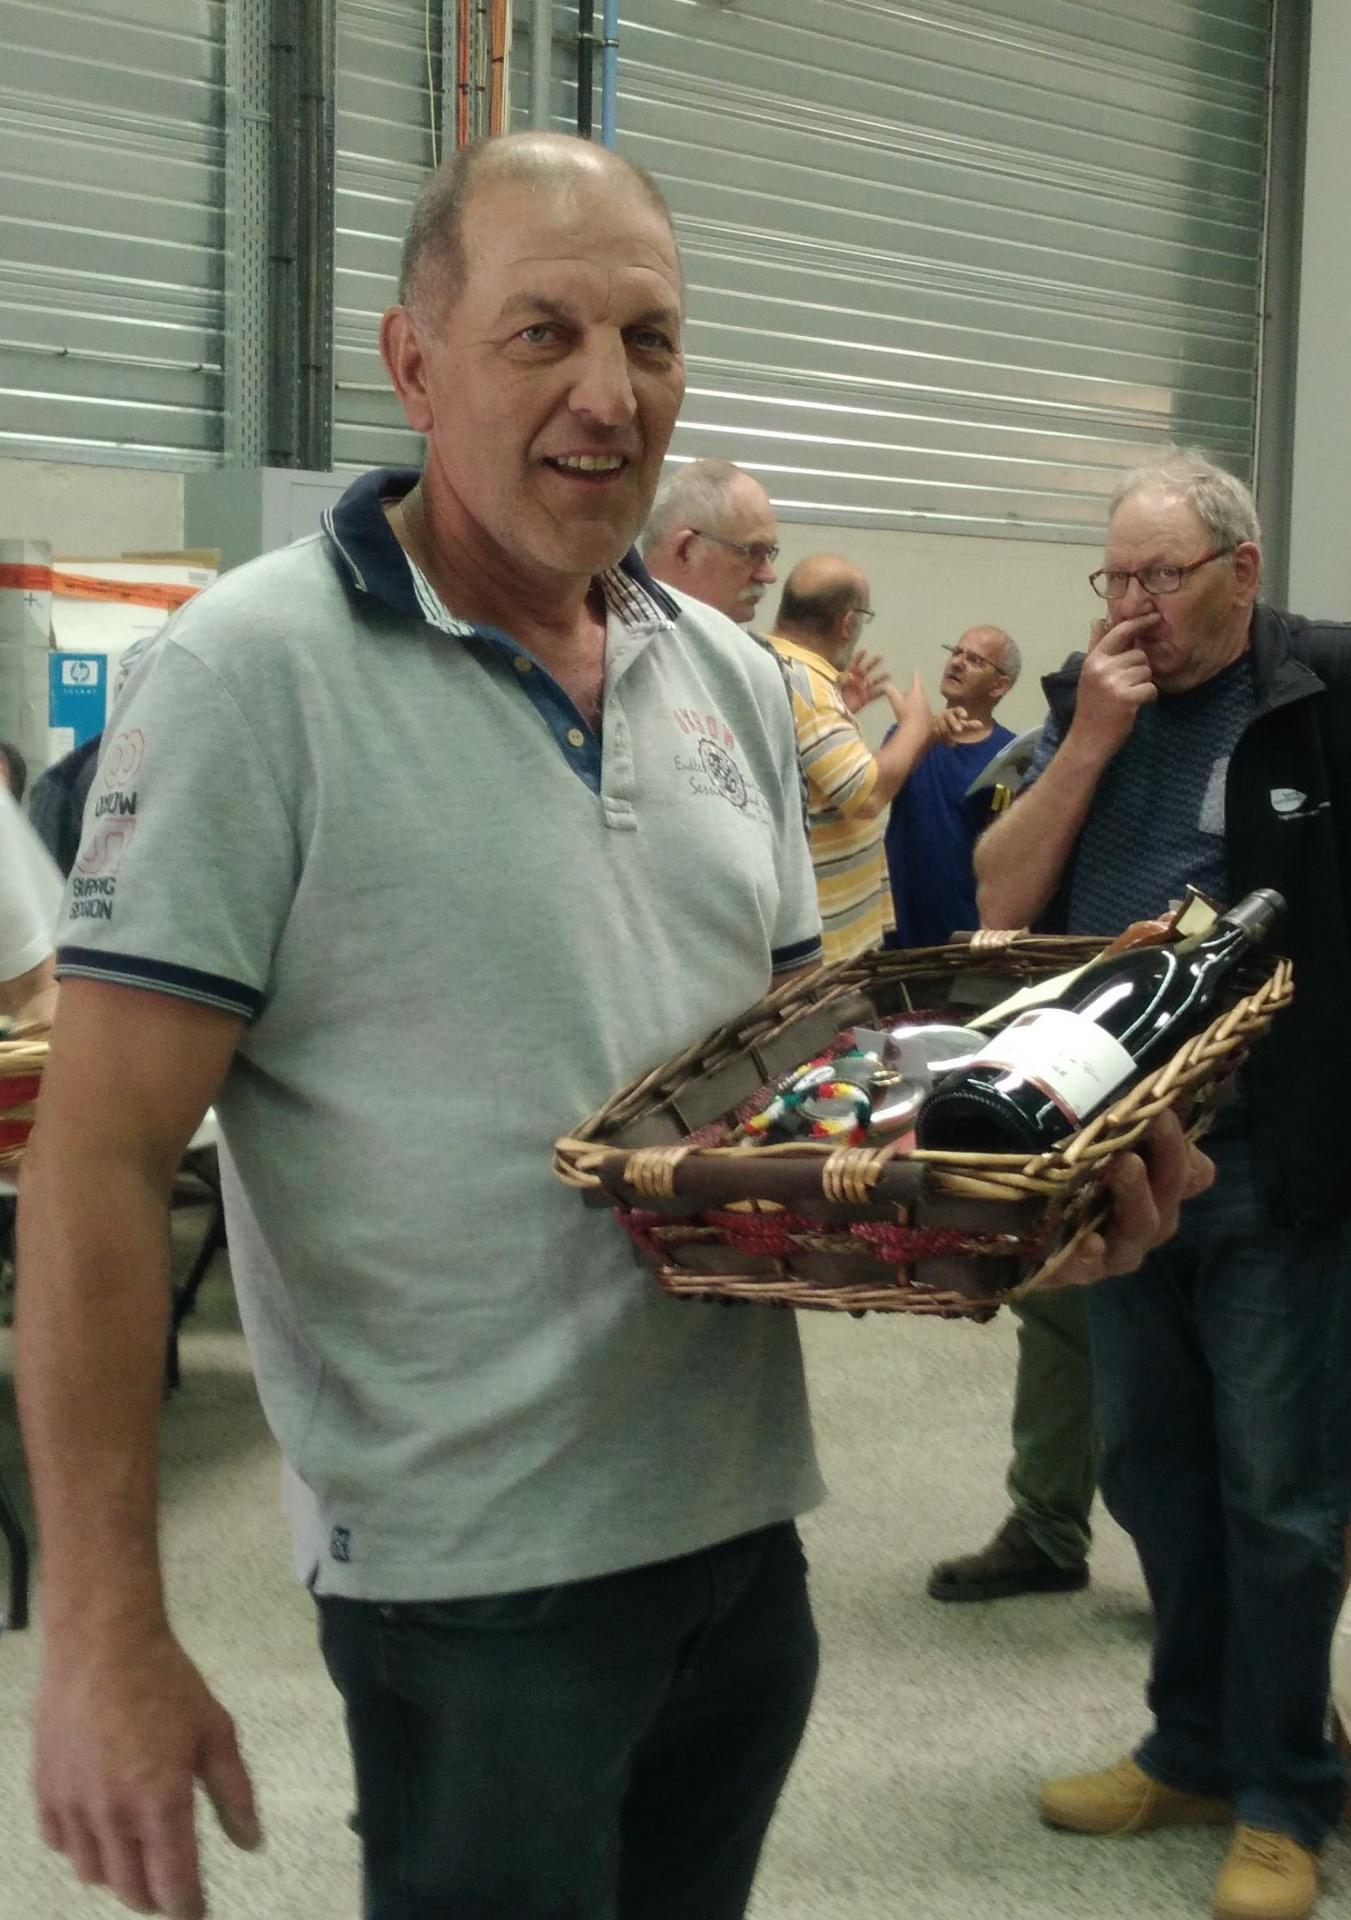 Jean louis ballot grand prix d exposition a besancon avec un lapin argente de st hubert felicitations